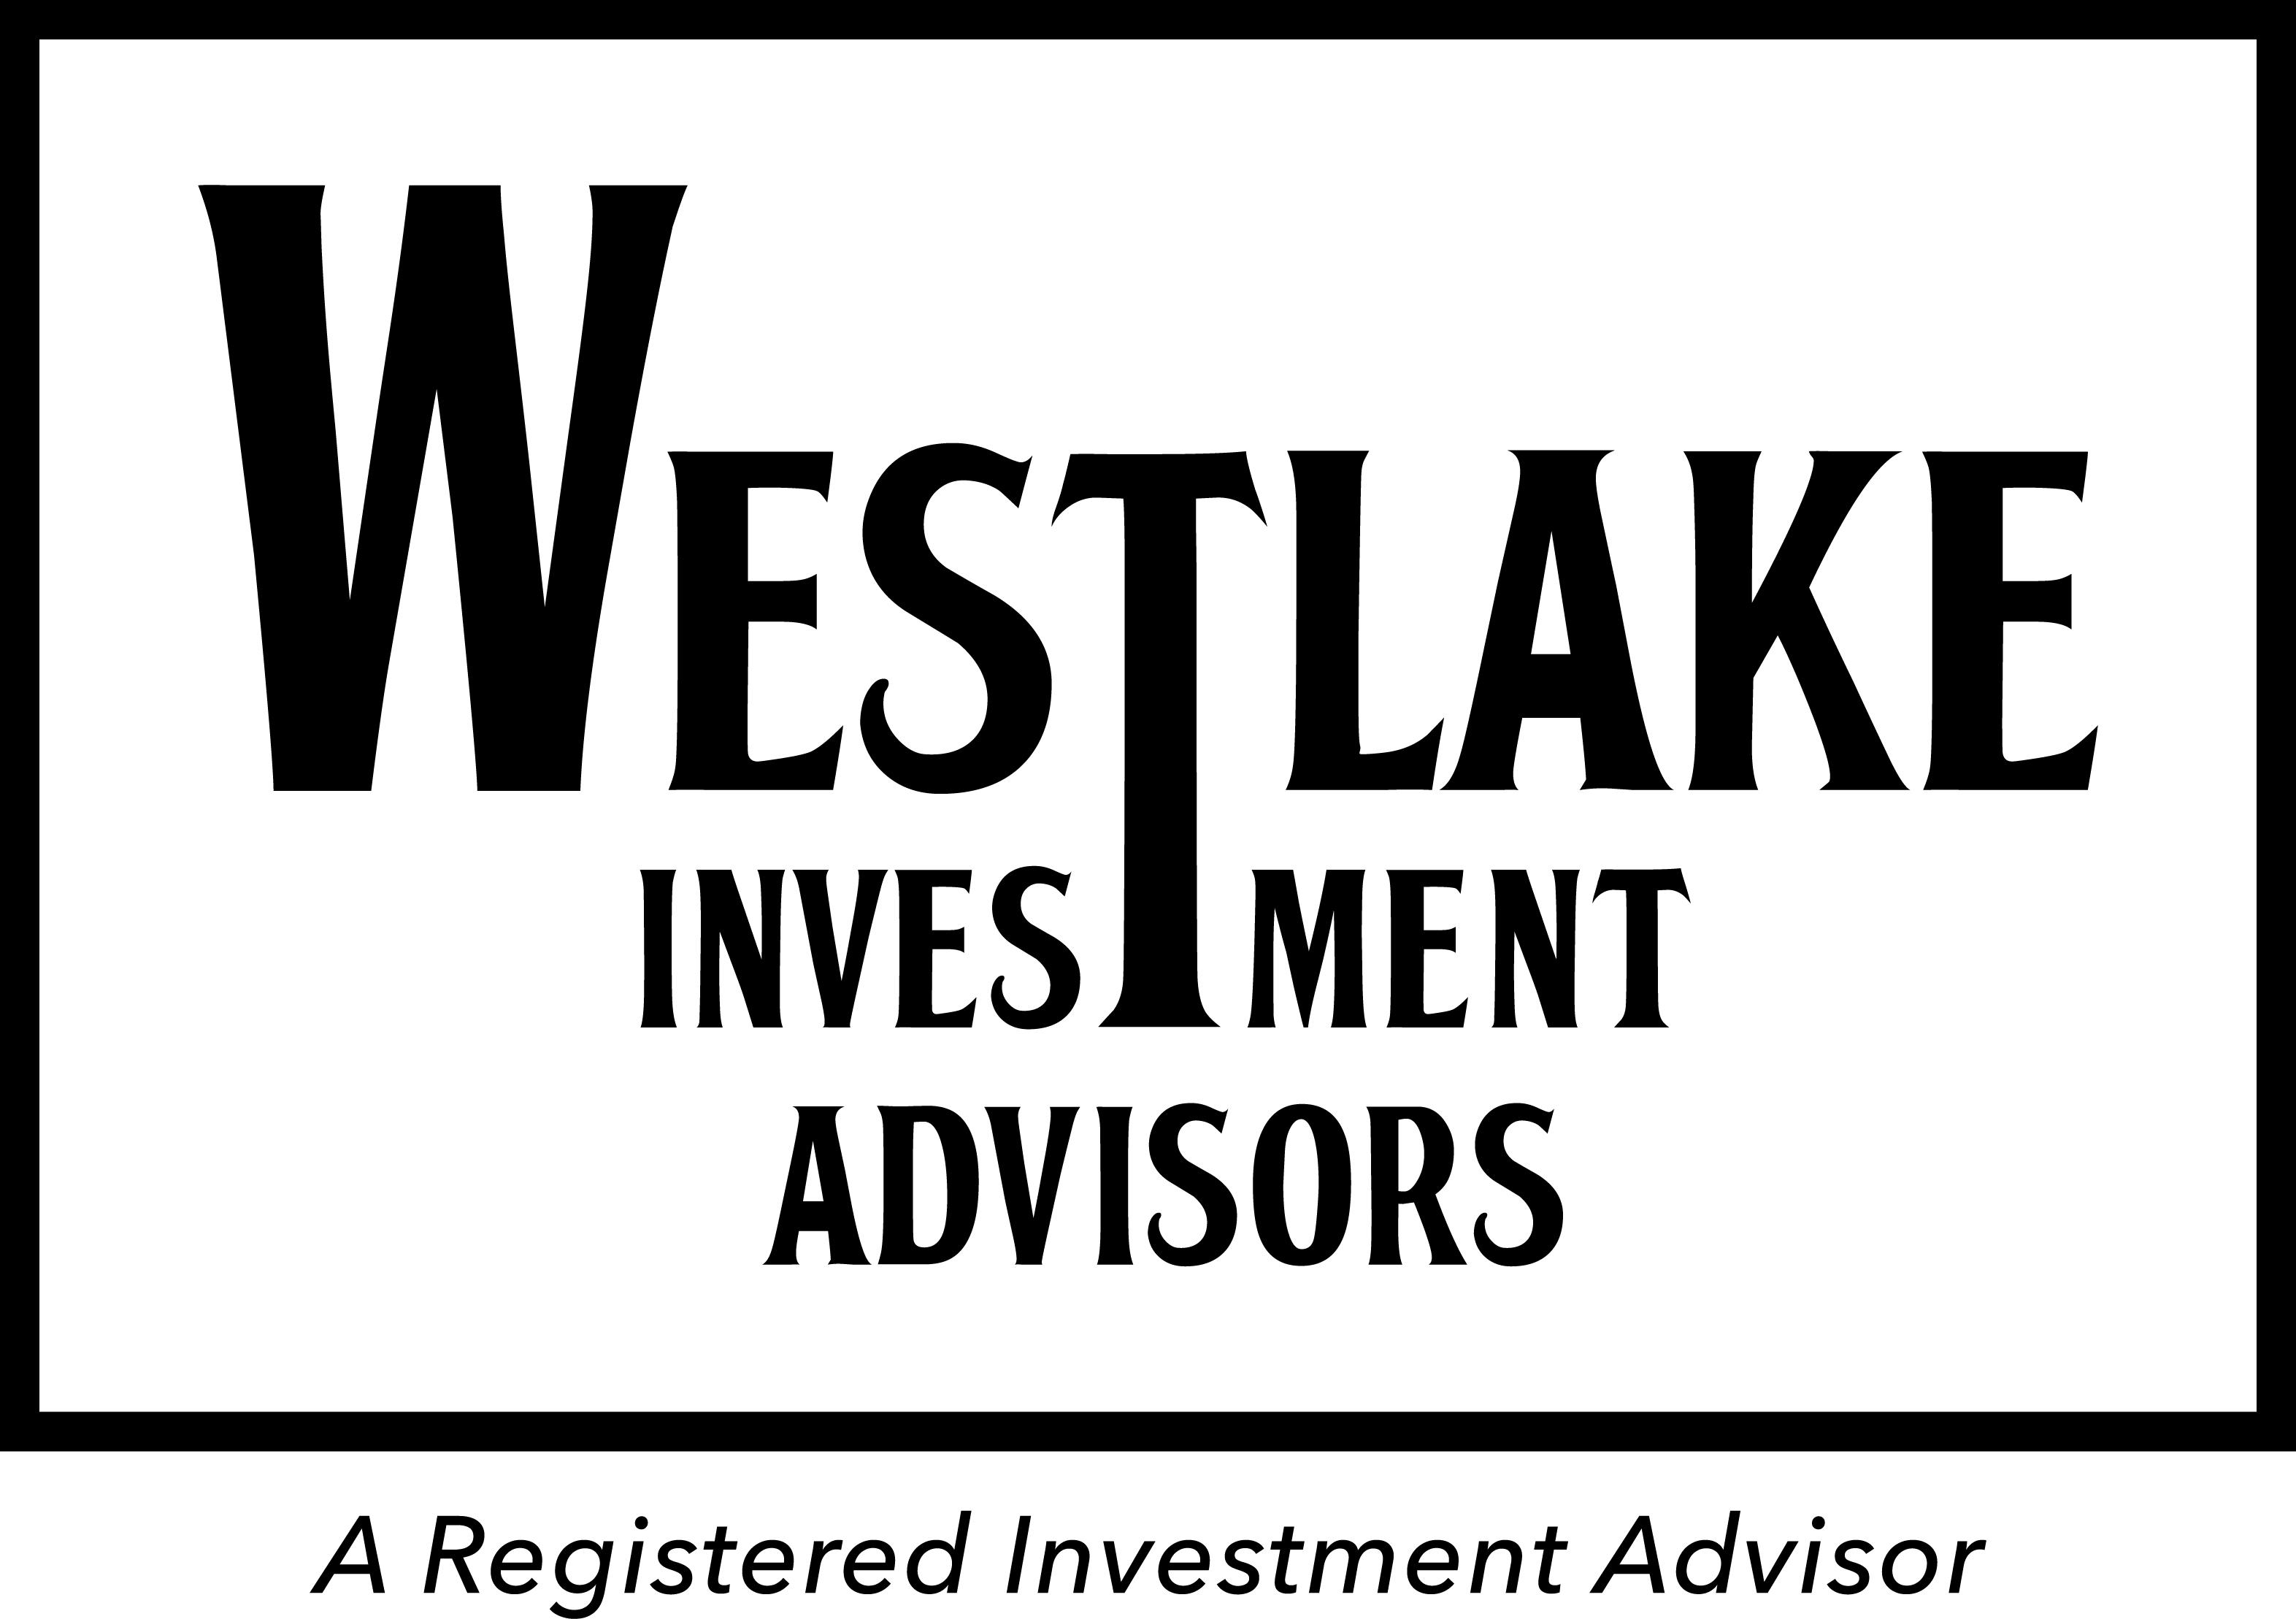 Robert A  Mills at Lpl Financial LLC | Wealthminder